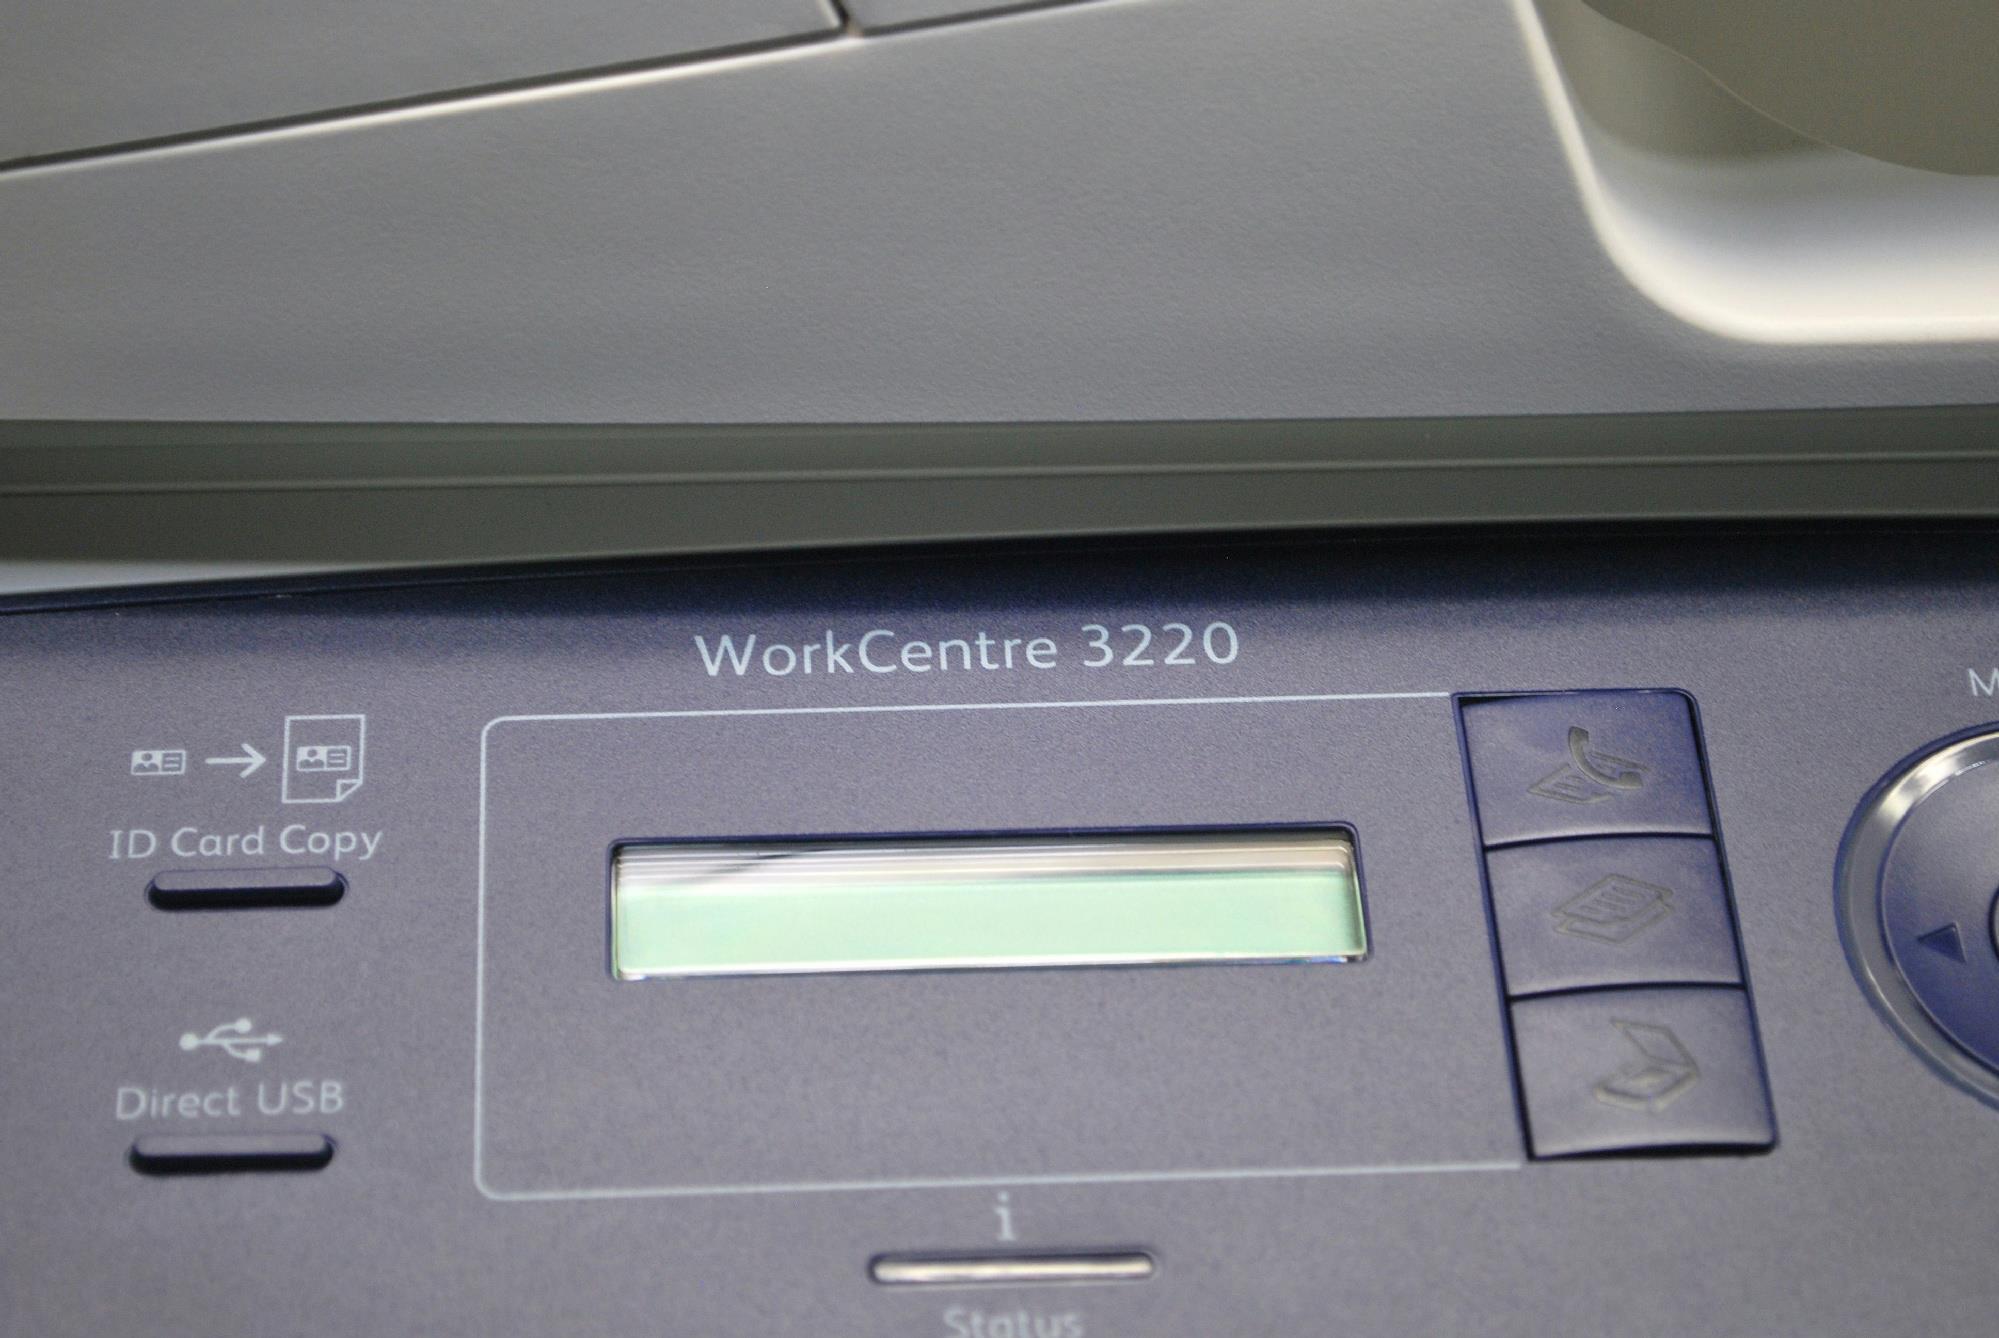 Скачать драйвер для принтера workcentre 3220